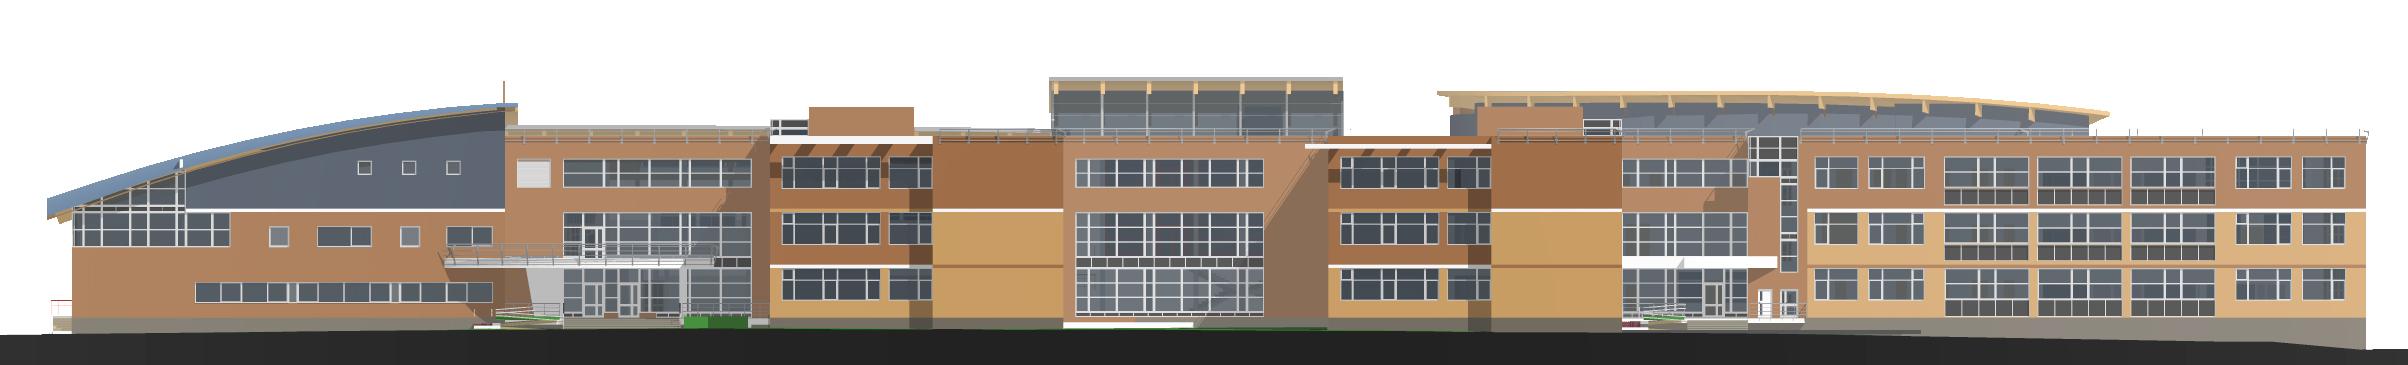 school-model-2a4-j.jpg